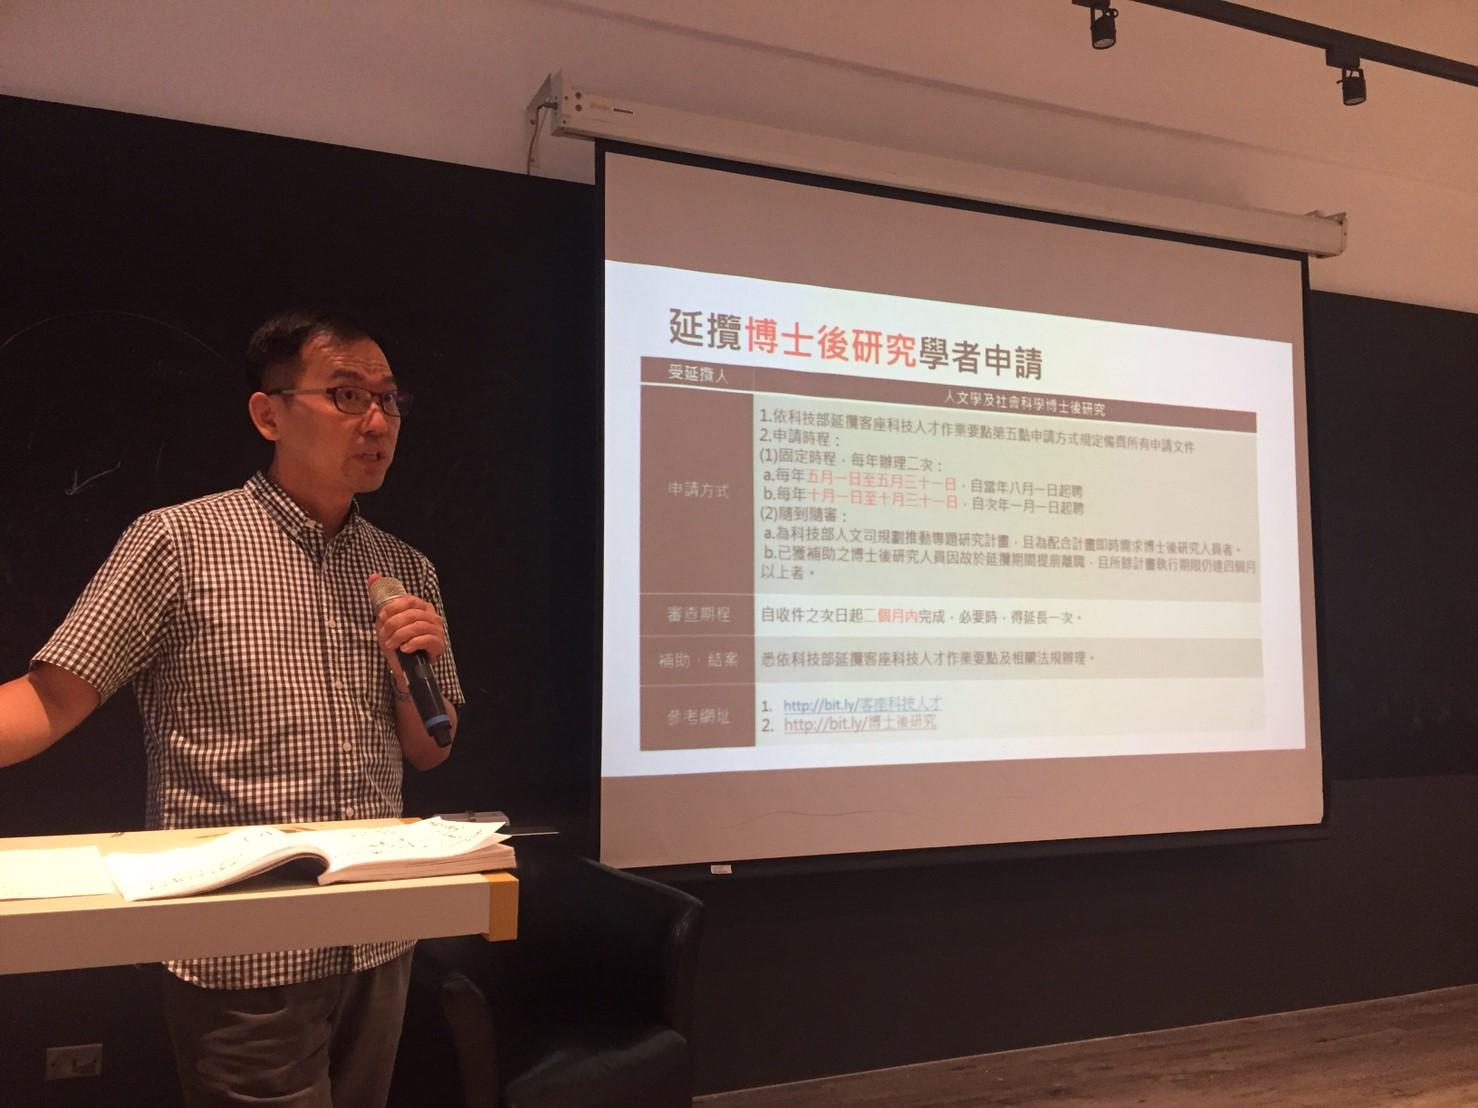 徐亞湘教授以自身曾申請補助案,及擔任過補助案審查委員的經驗分享,並提供研發處如何鼓勵教師投遞補助案的具體方向。